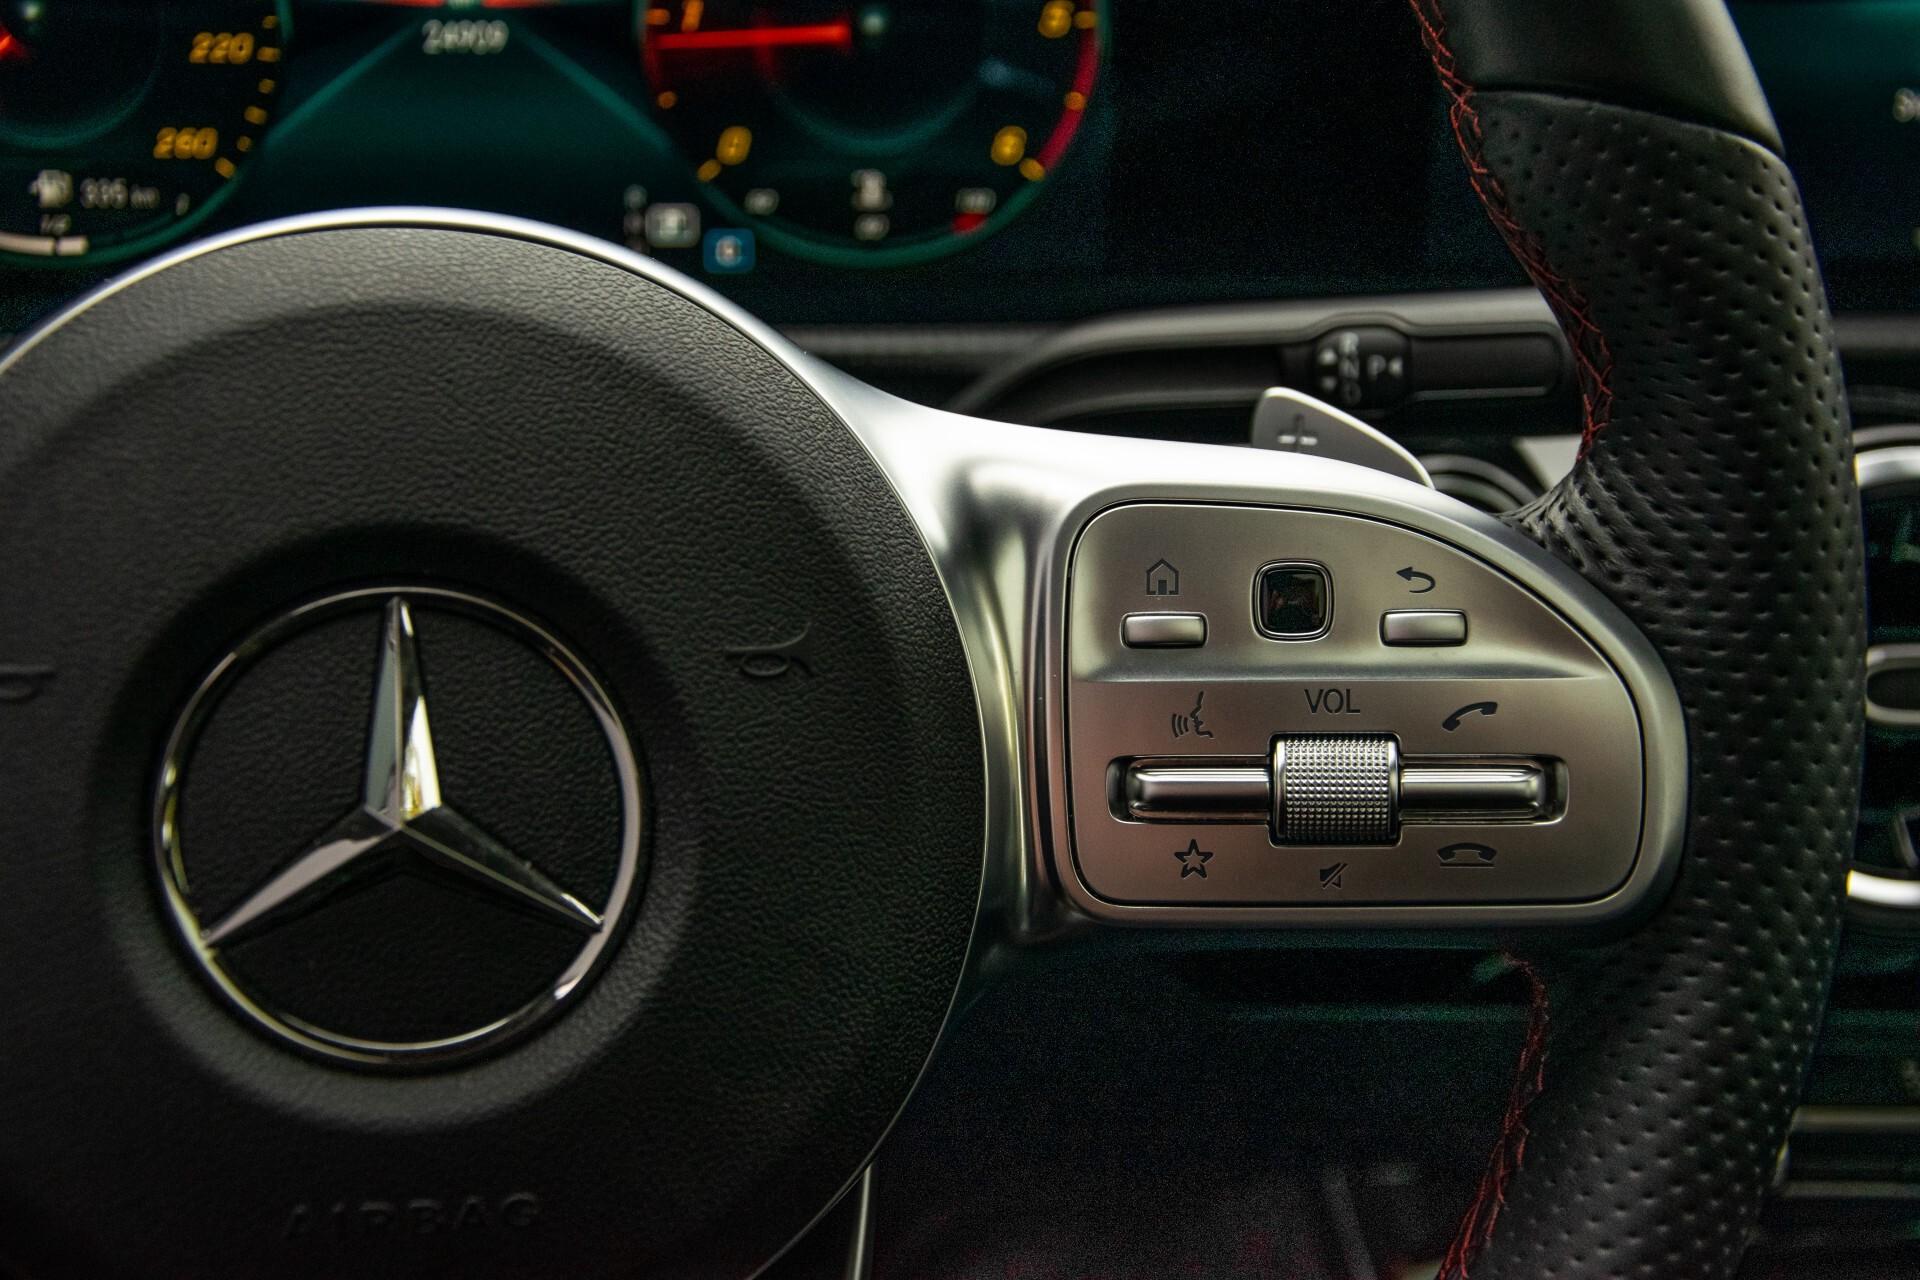 Mercedes-Benz A-Klasse 180 d AMG Panorama/MBUX/DAB/LED Aut7 Foto 15